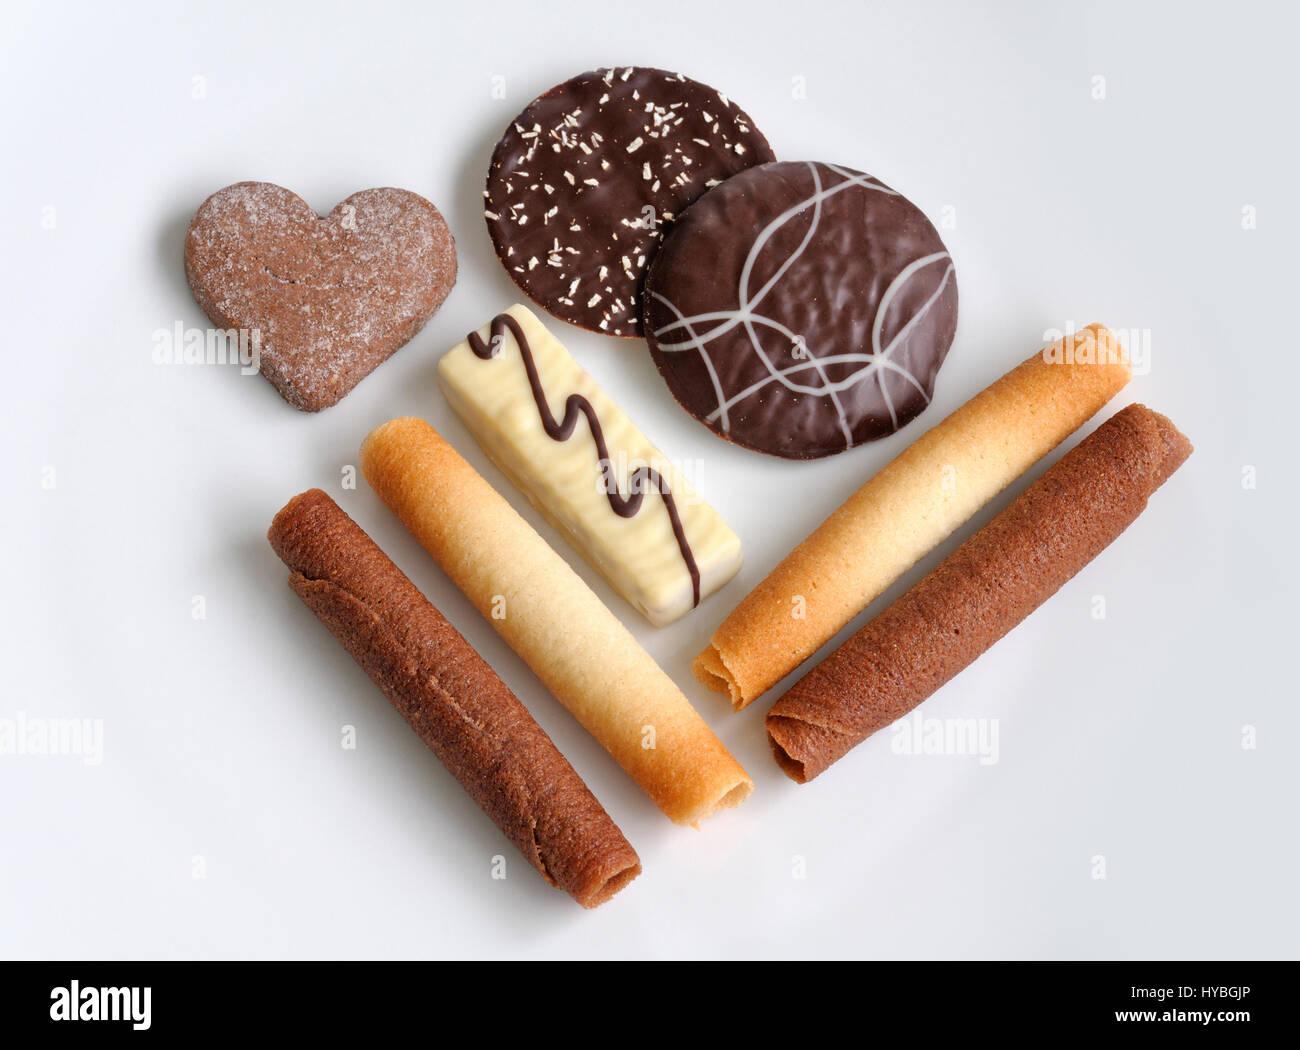 Belgian biscuits - Stock Image